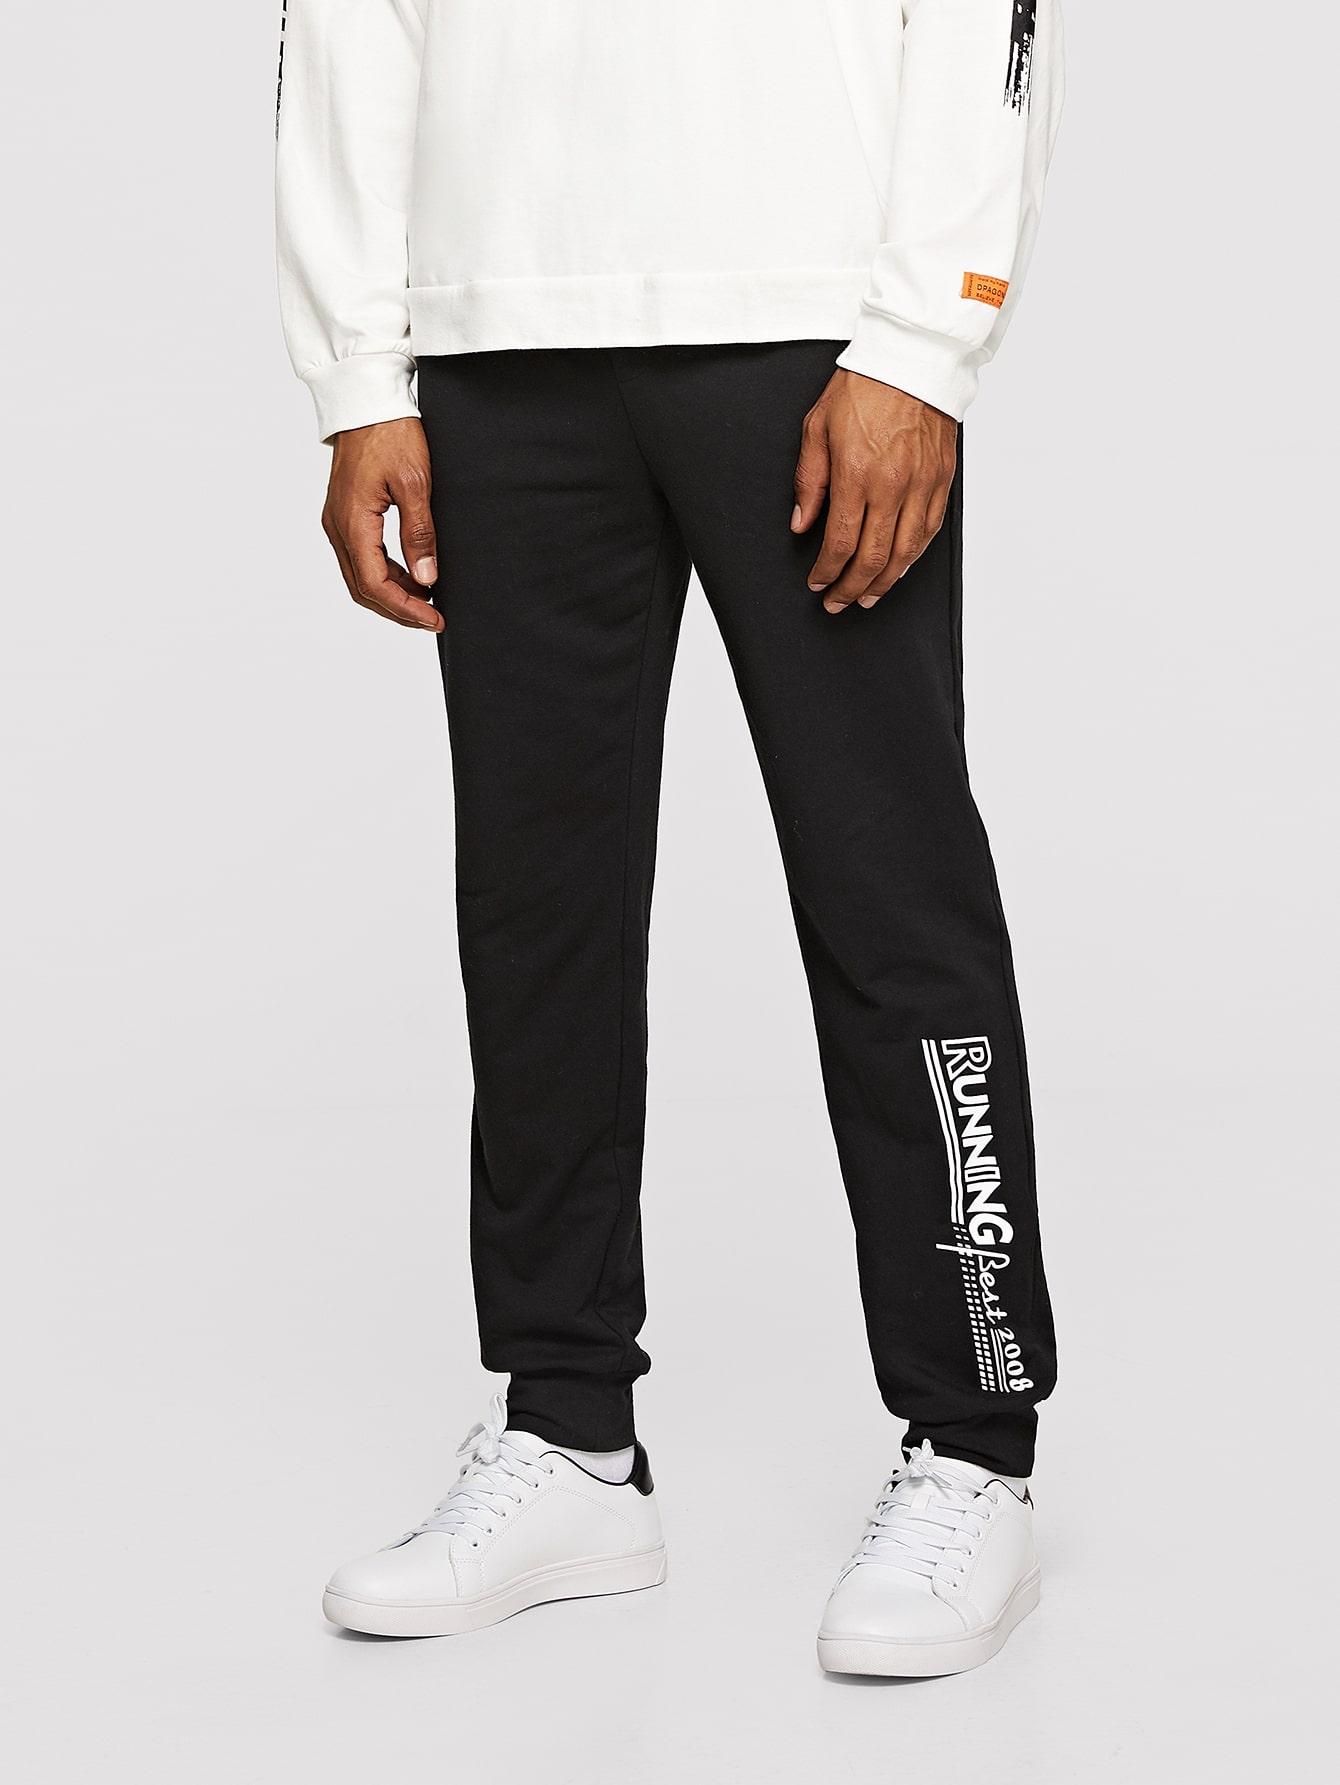 Купить Мужские спортивные брюки с текстовым принтом, Johnn Silva, SheIn